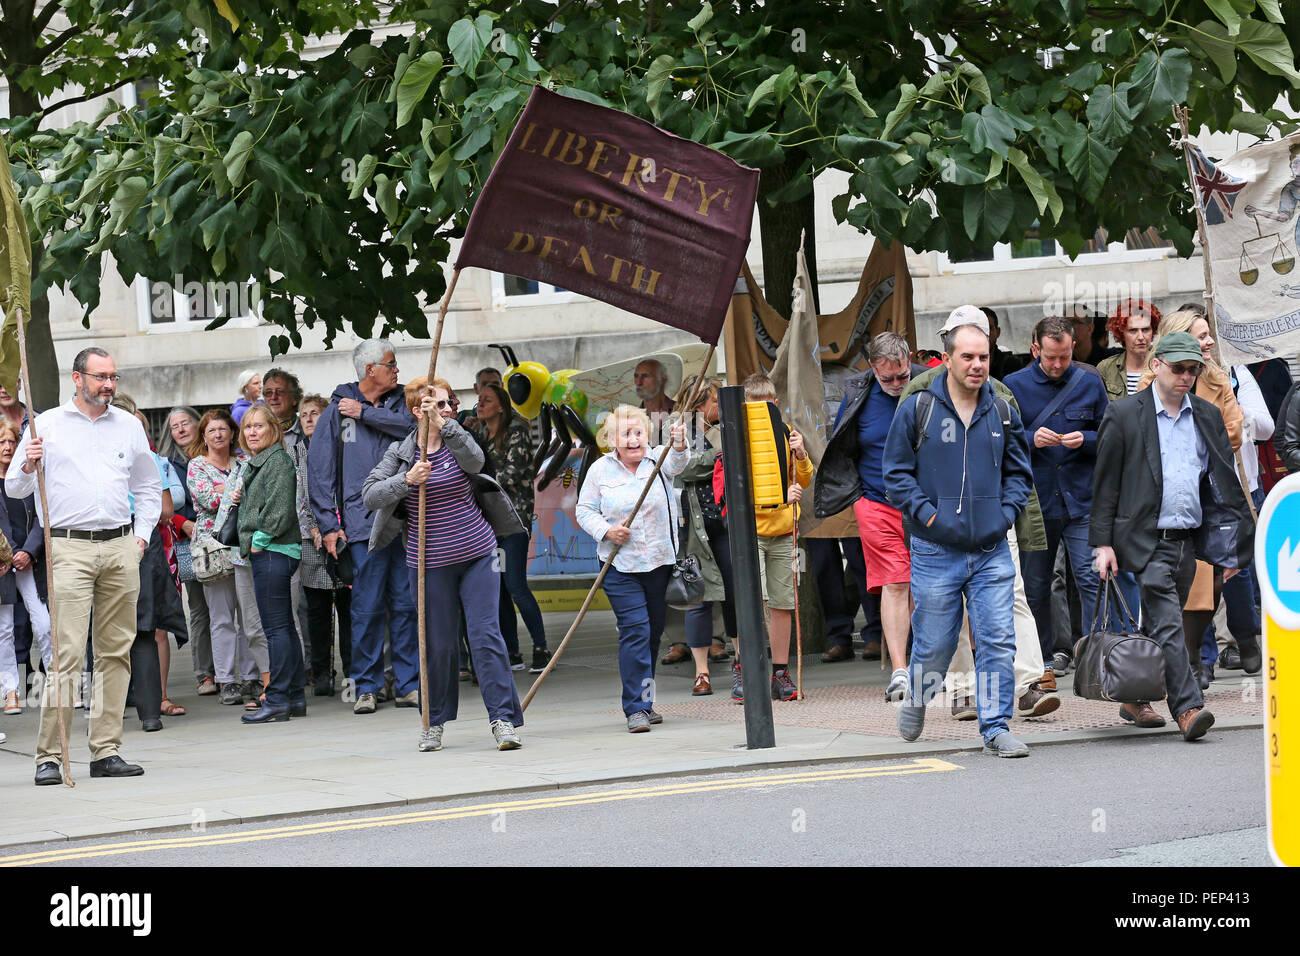 """Manchester, Reino Unido. El 16 de agosto de 2018. El cartel de la película de Mike Leigh """"Peterloo"""" se revela como una vigilia de conmemoración se celebró en el mismo lugar donde, el 16 de agosto de 1819 acusado de caballería en una multitud de entre 60.000 y 80.000 que se habían reunido para exigir la reforma de la representación parlamentaria. El número exacto de muertos y heridos en Peterloo nunca ha sido establecido con certeza. La Plaza de San Pedro, Manchester, el 16 de agosto de 2018, (C)Barbara Cook/Alamy Live News Imagen De Stock"""